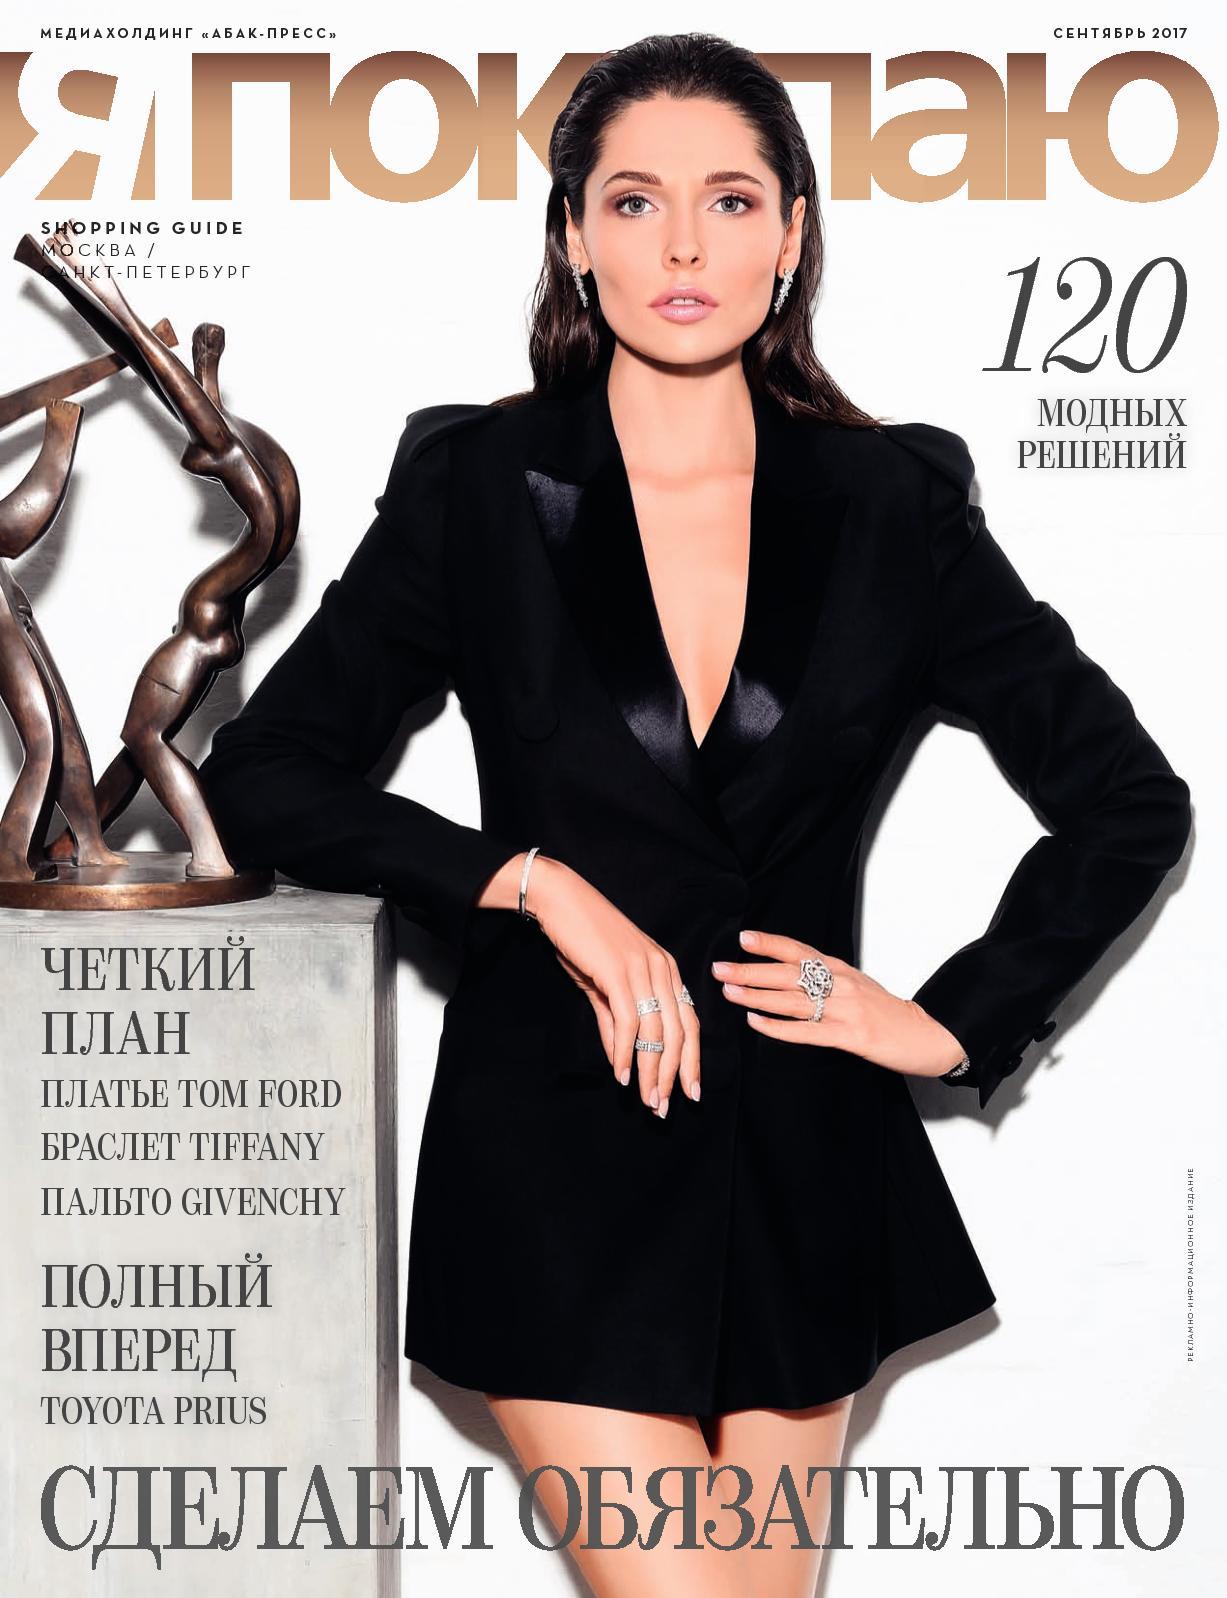 d3e28904b54d Calaméo - Shopping Guide «Я Покупаю. Москва - Санкт-Петербург», сентябрь  2017